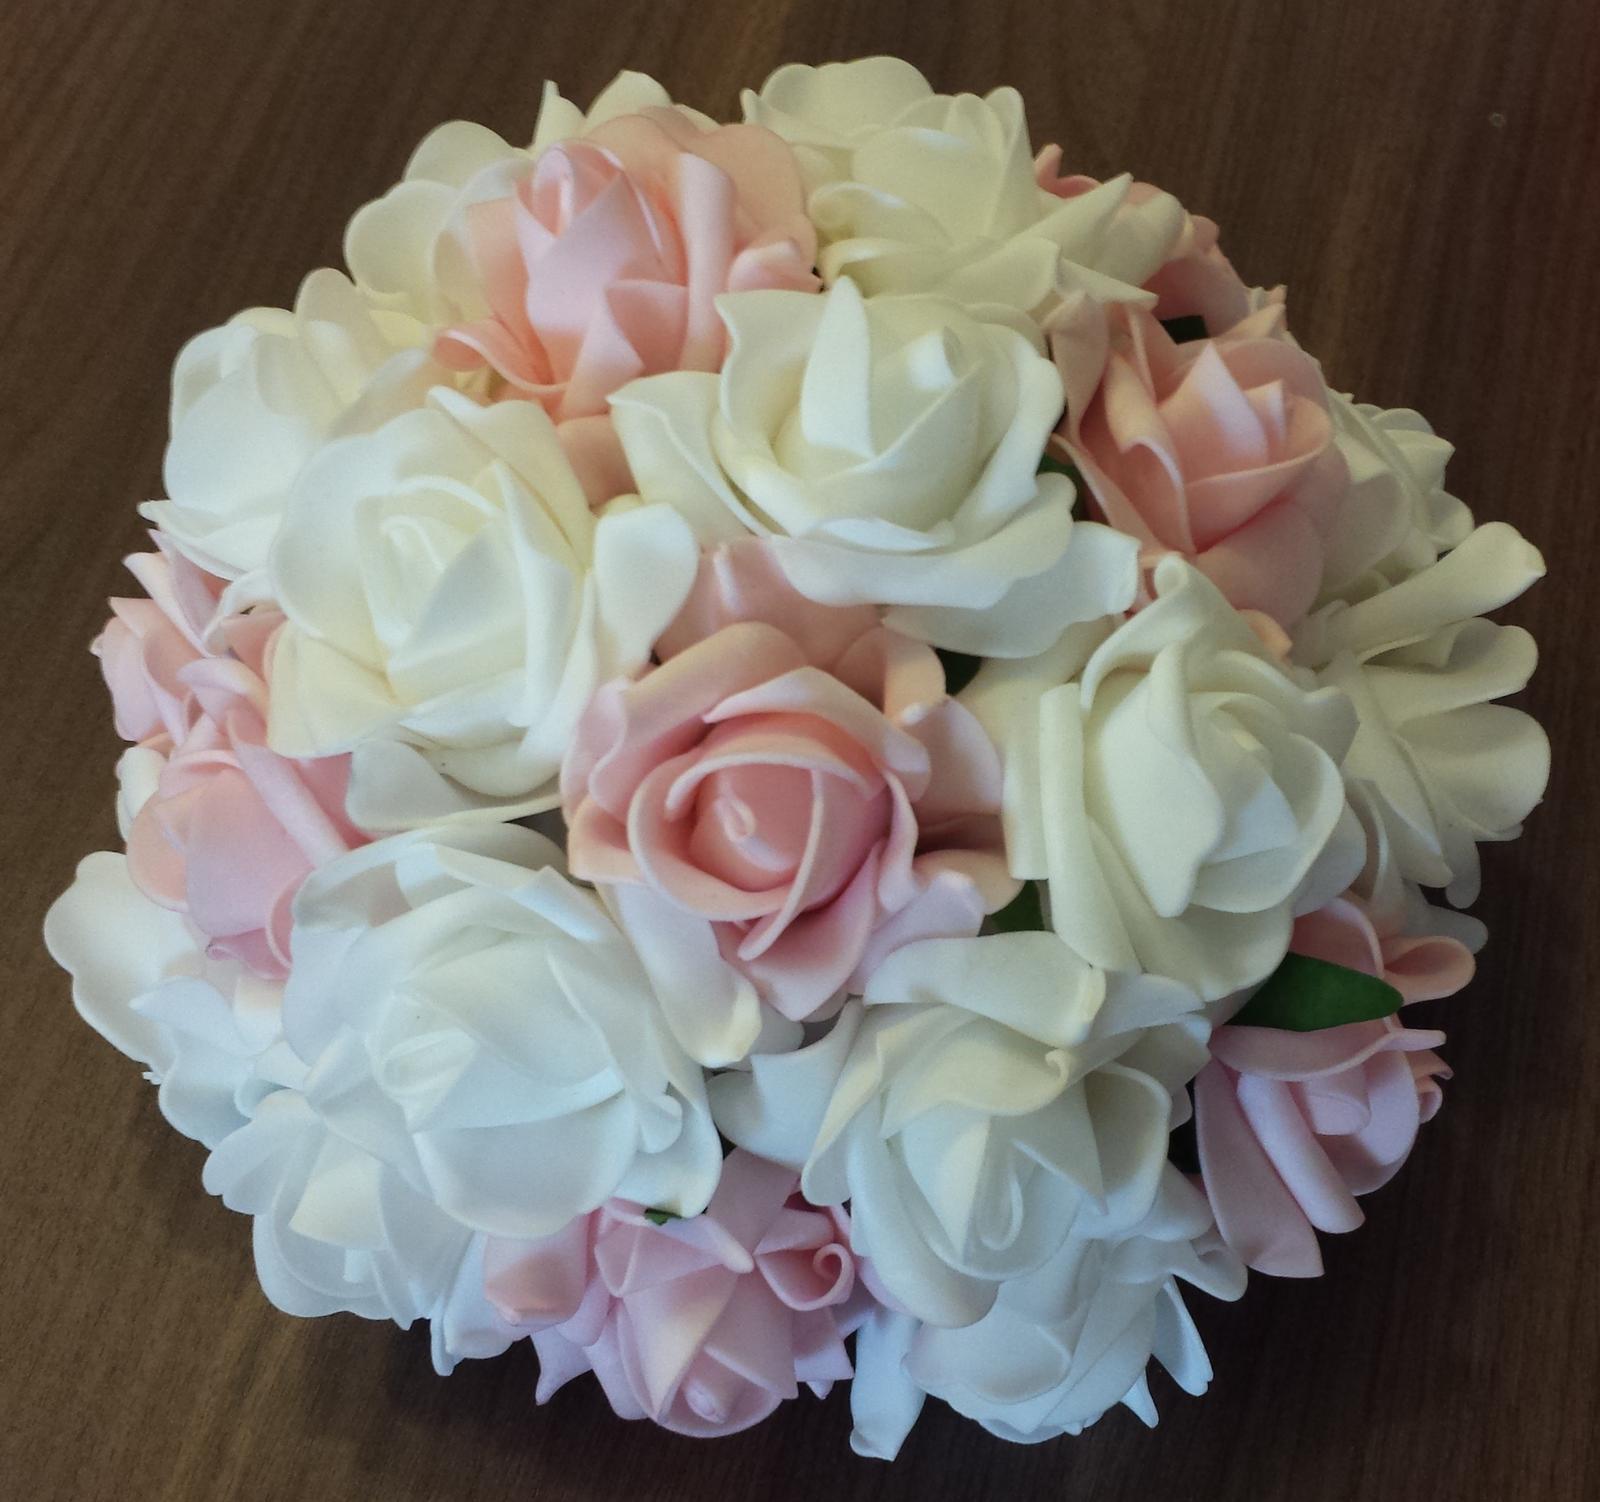 Buket na svatební auto bílá a růžová - Obrázek č. 1